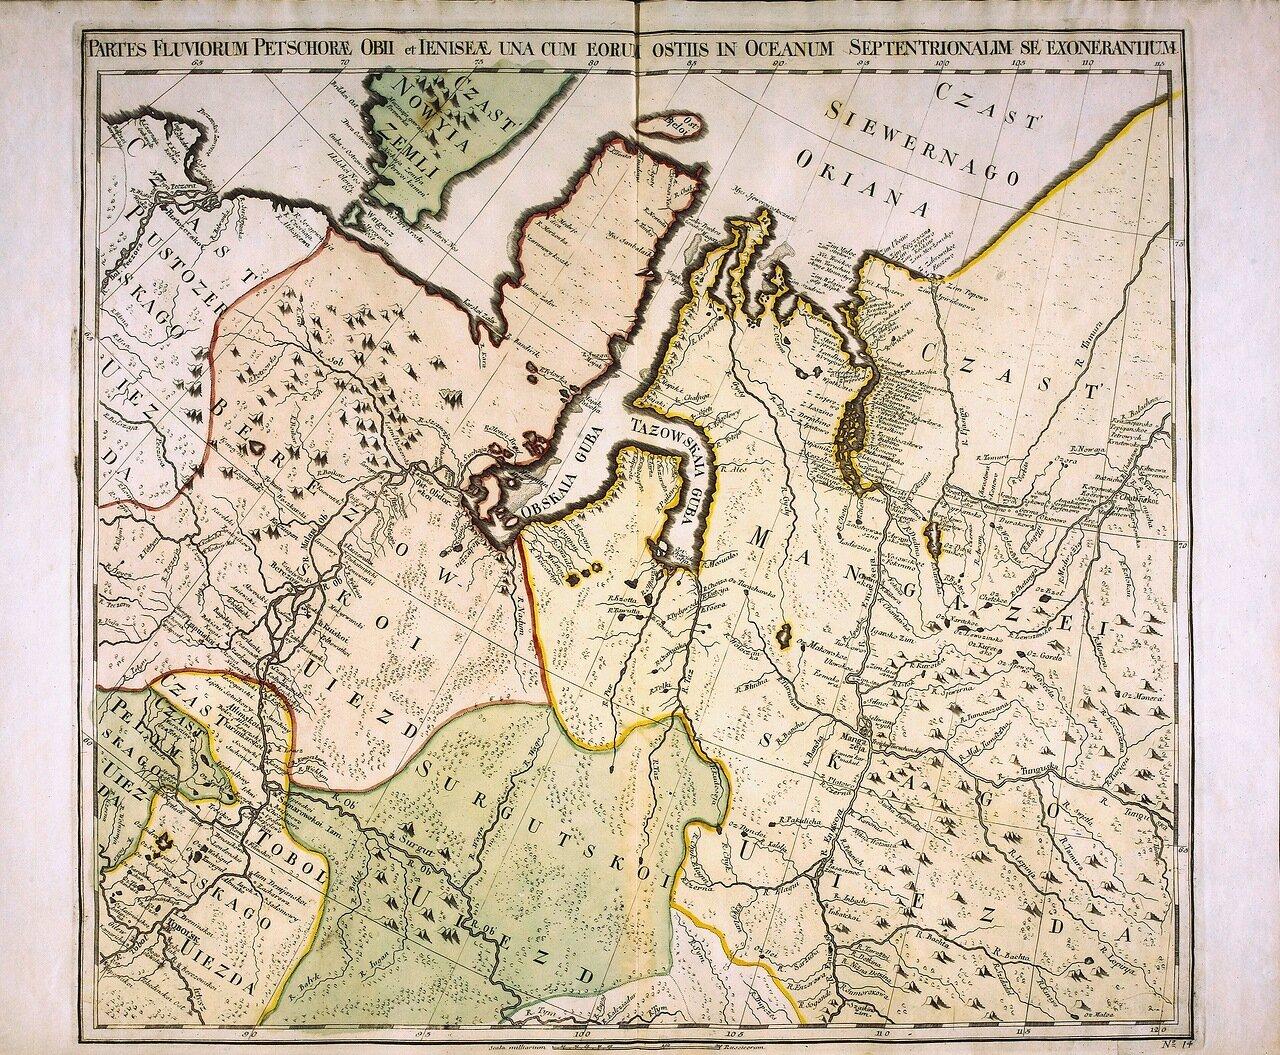 1745. Partes fluviorum Petschoræ Obii et Ieniseæ una cum eorum ostiis in oceanum septentrionalim se exonerantium